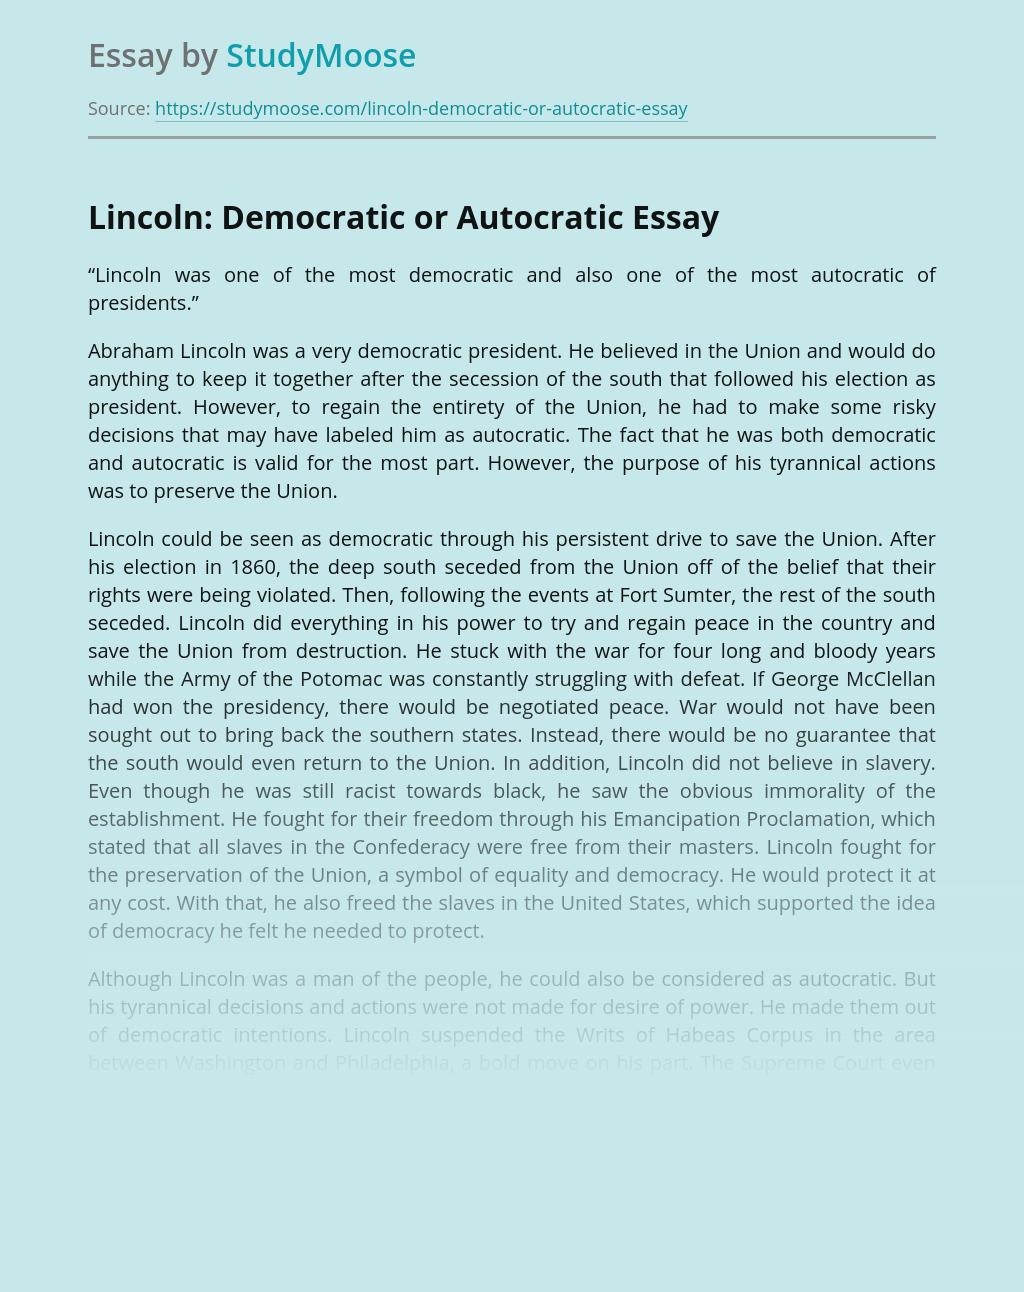 Lincoln: Democratic or Autocratic